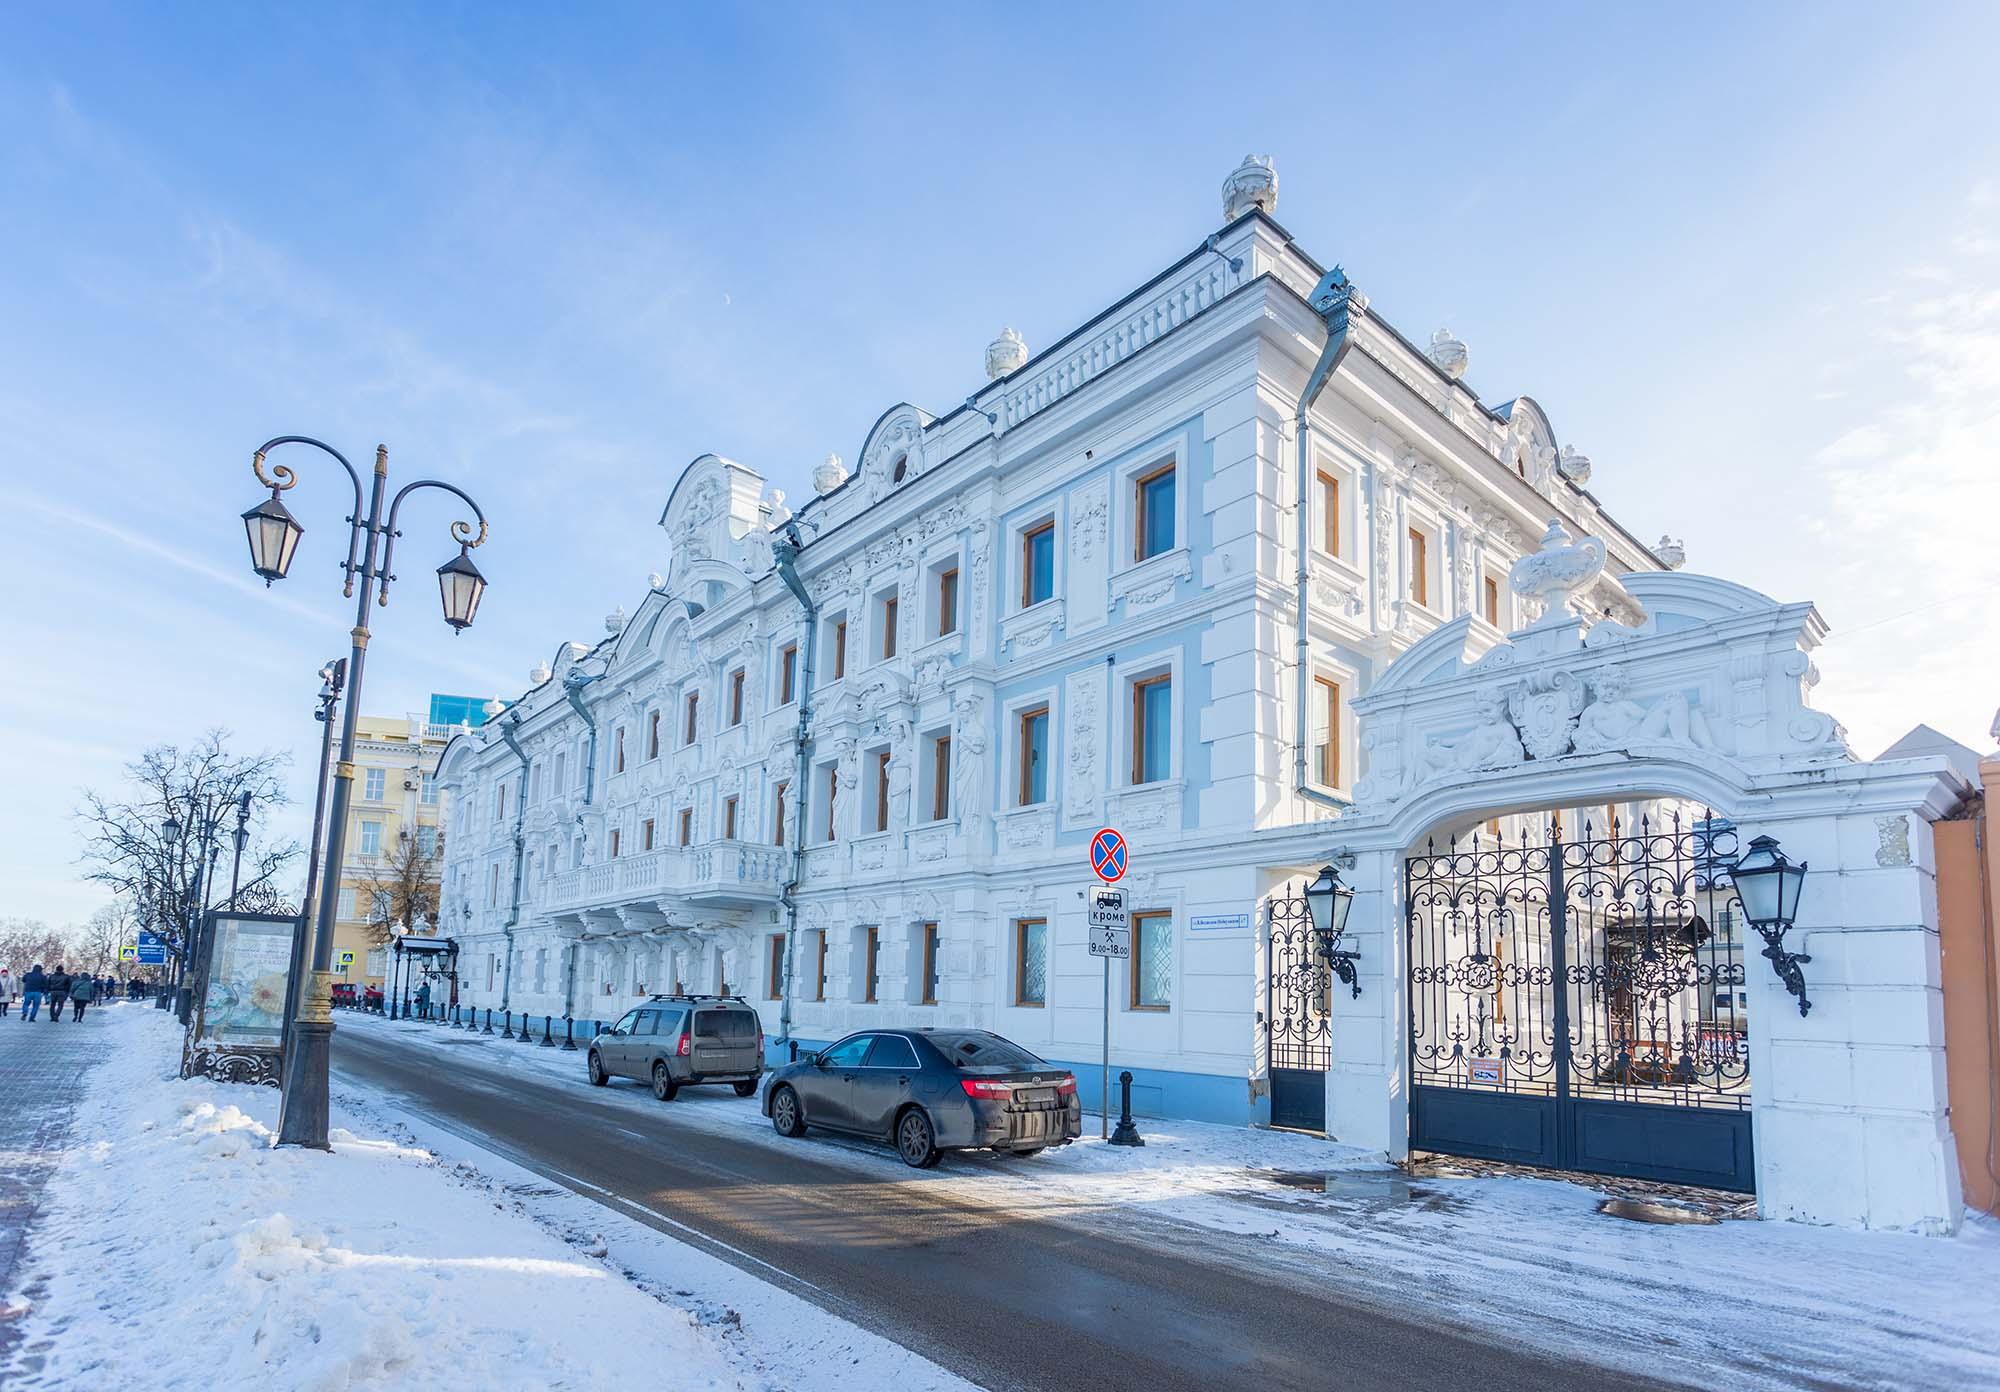 Нижегородский музей-заповедник приглашает всех желающих на новогоднюю программу